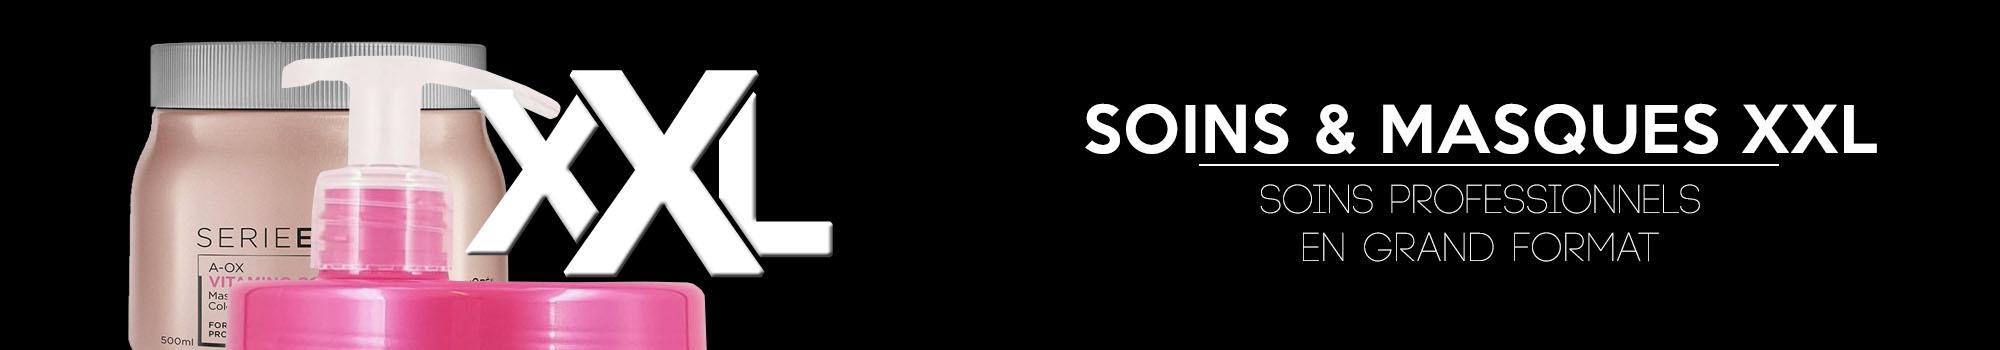 Soins XXL